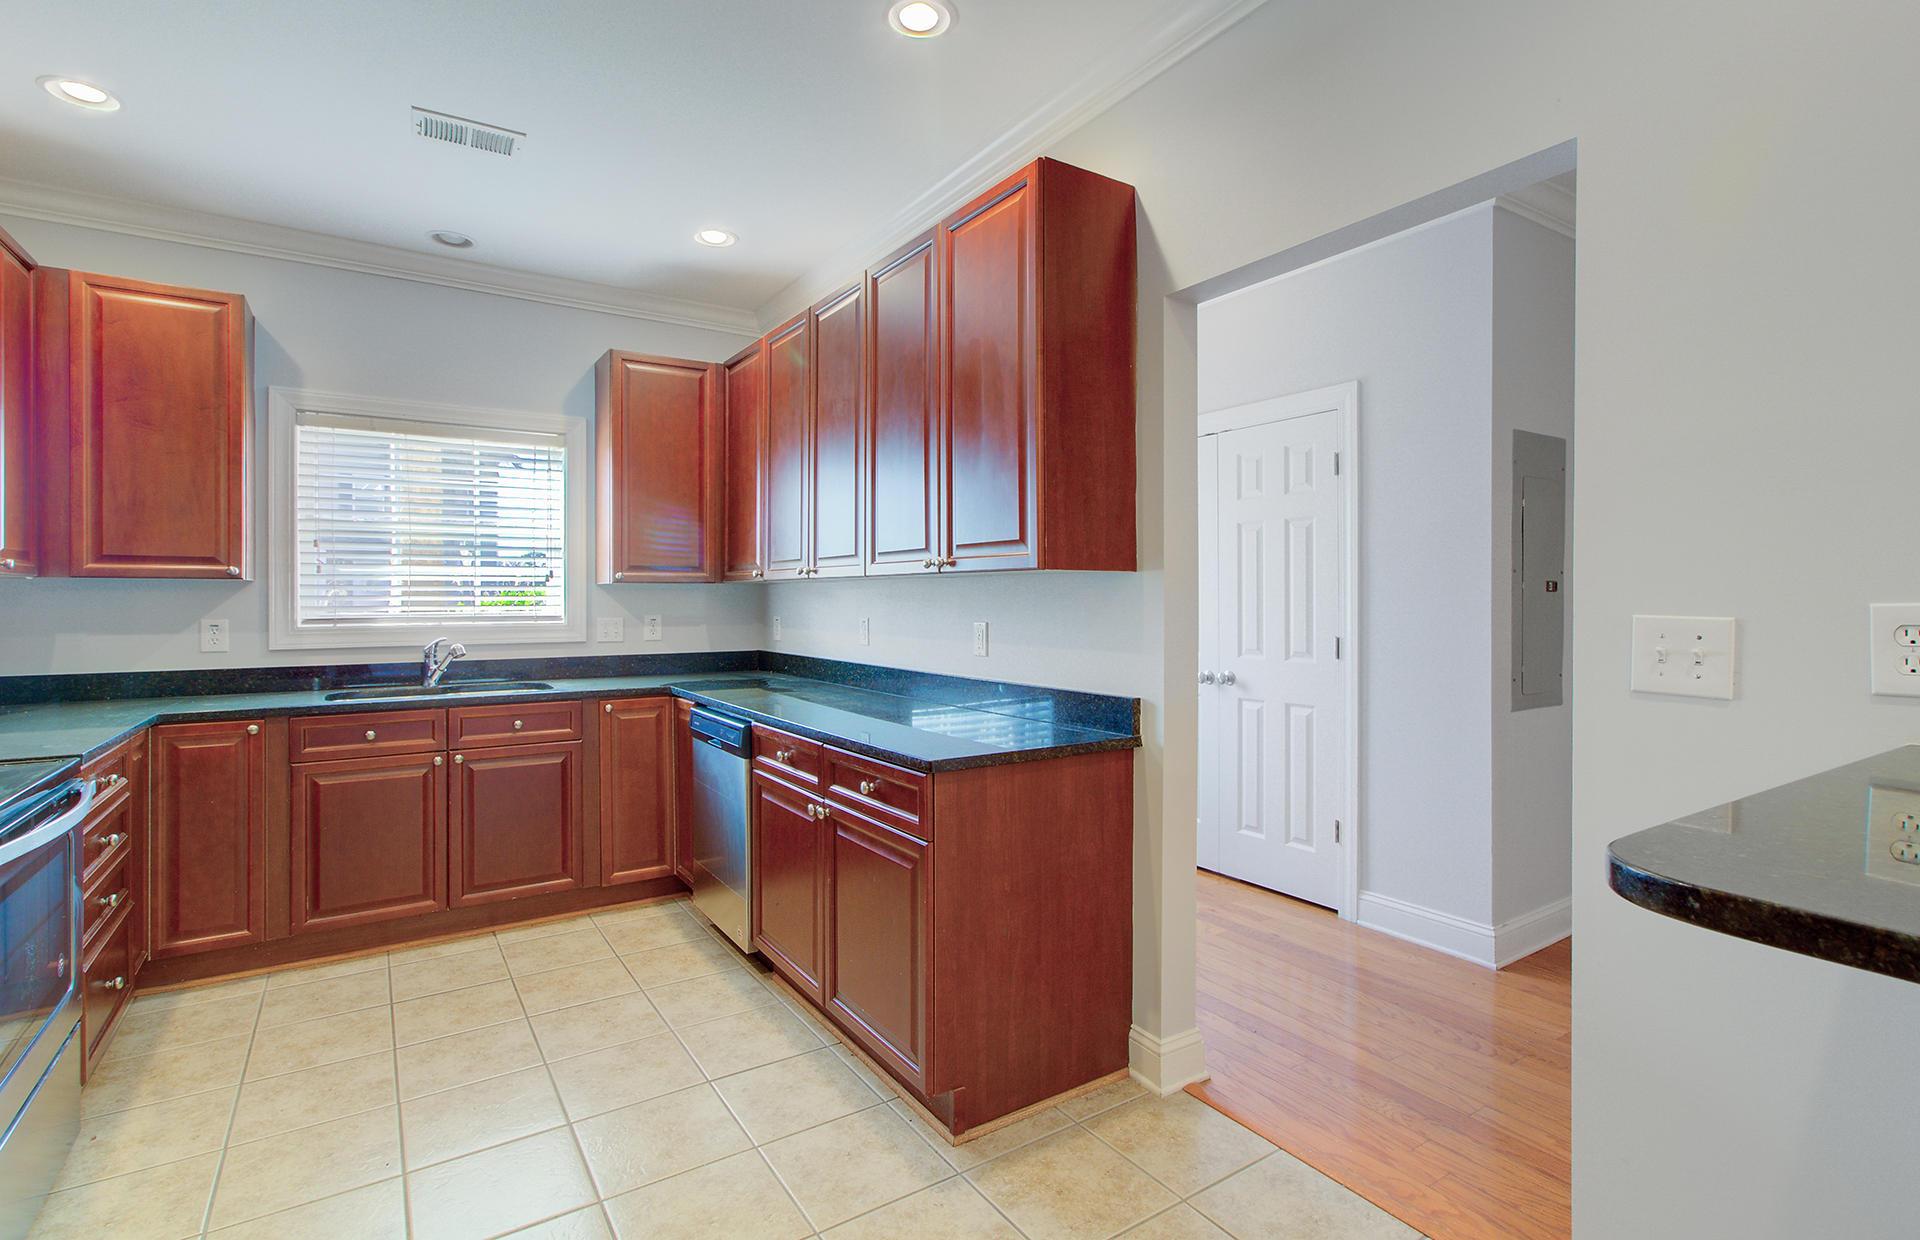 Lake Palmetto Homes For Sale - 4904 Lake Palmetto, North Charleston, SC - 2